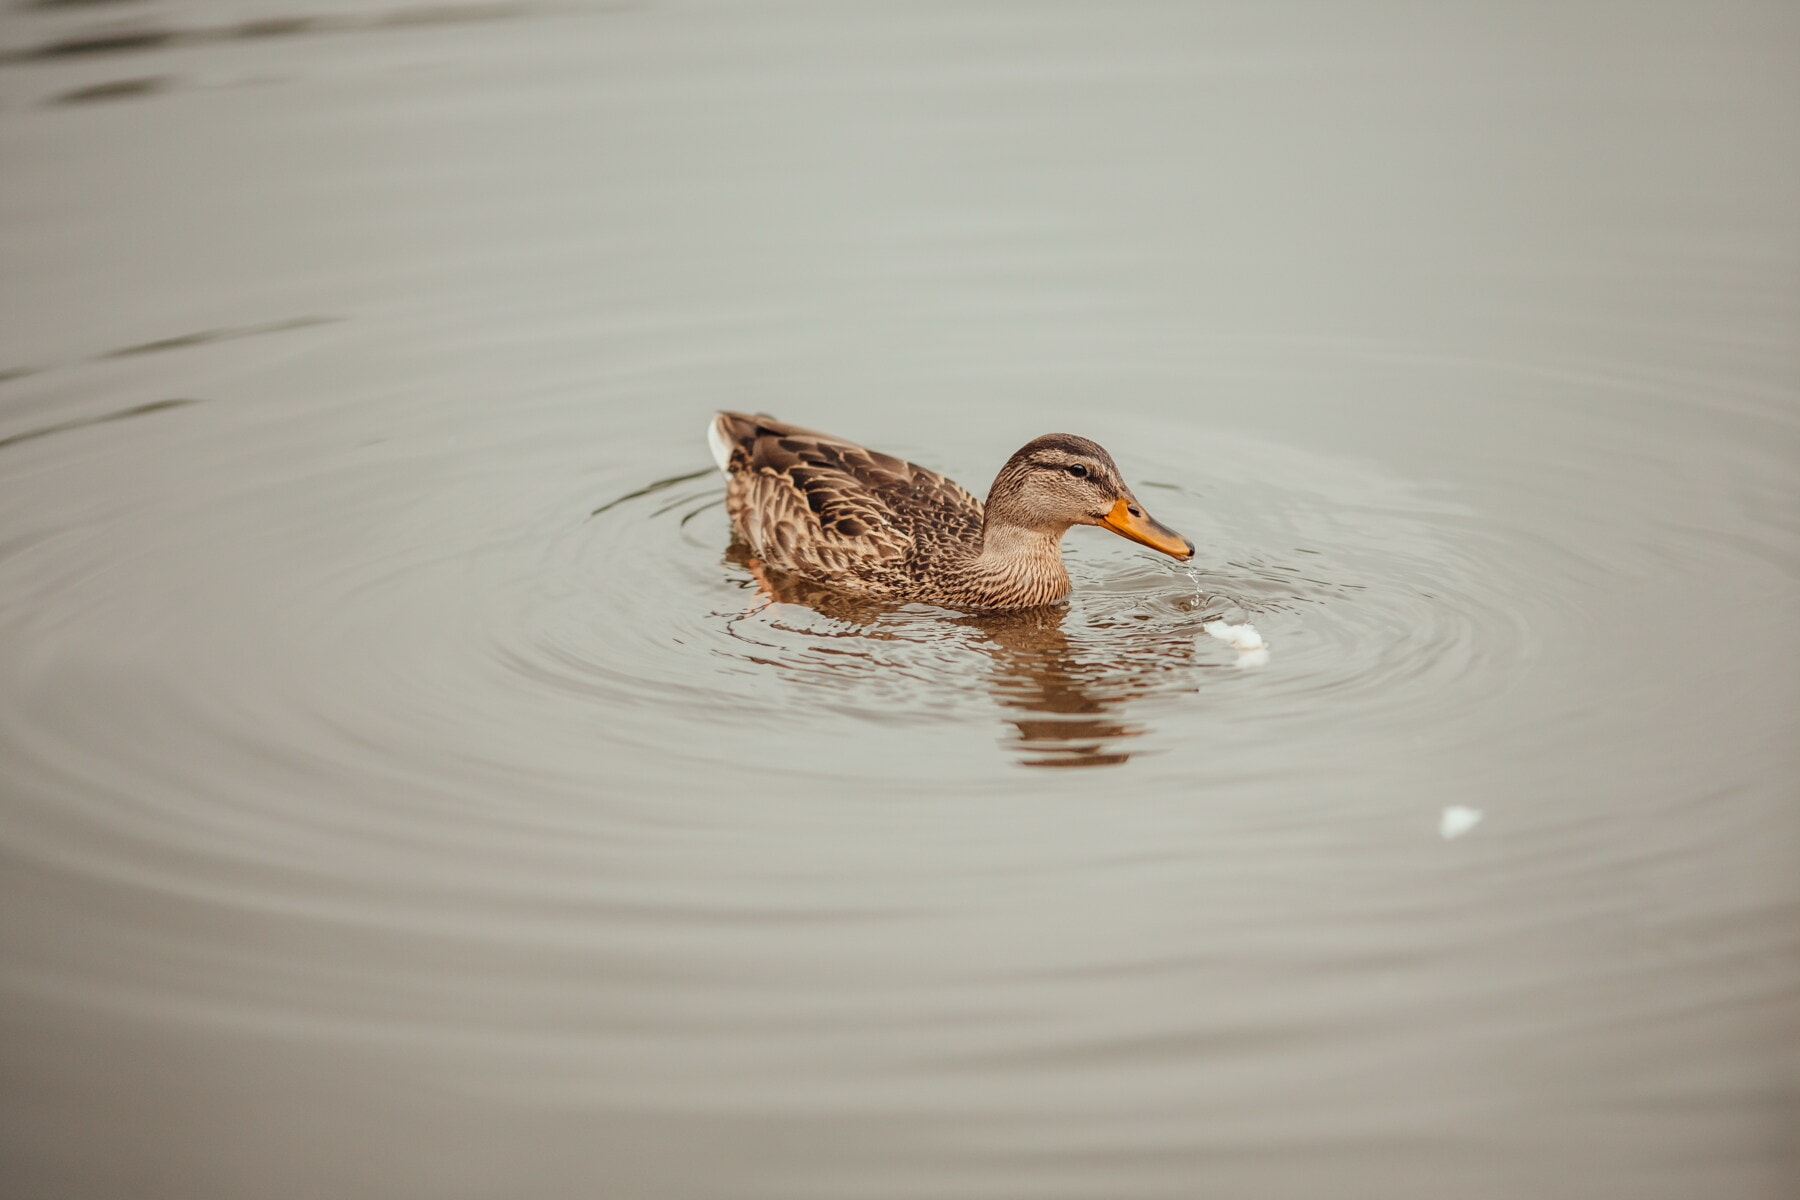 утка, дикая природа, плавание, корма, вода, водные птицы, руководитель, вид сбоку, клюв, утиная птица